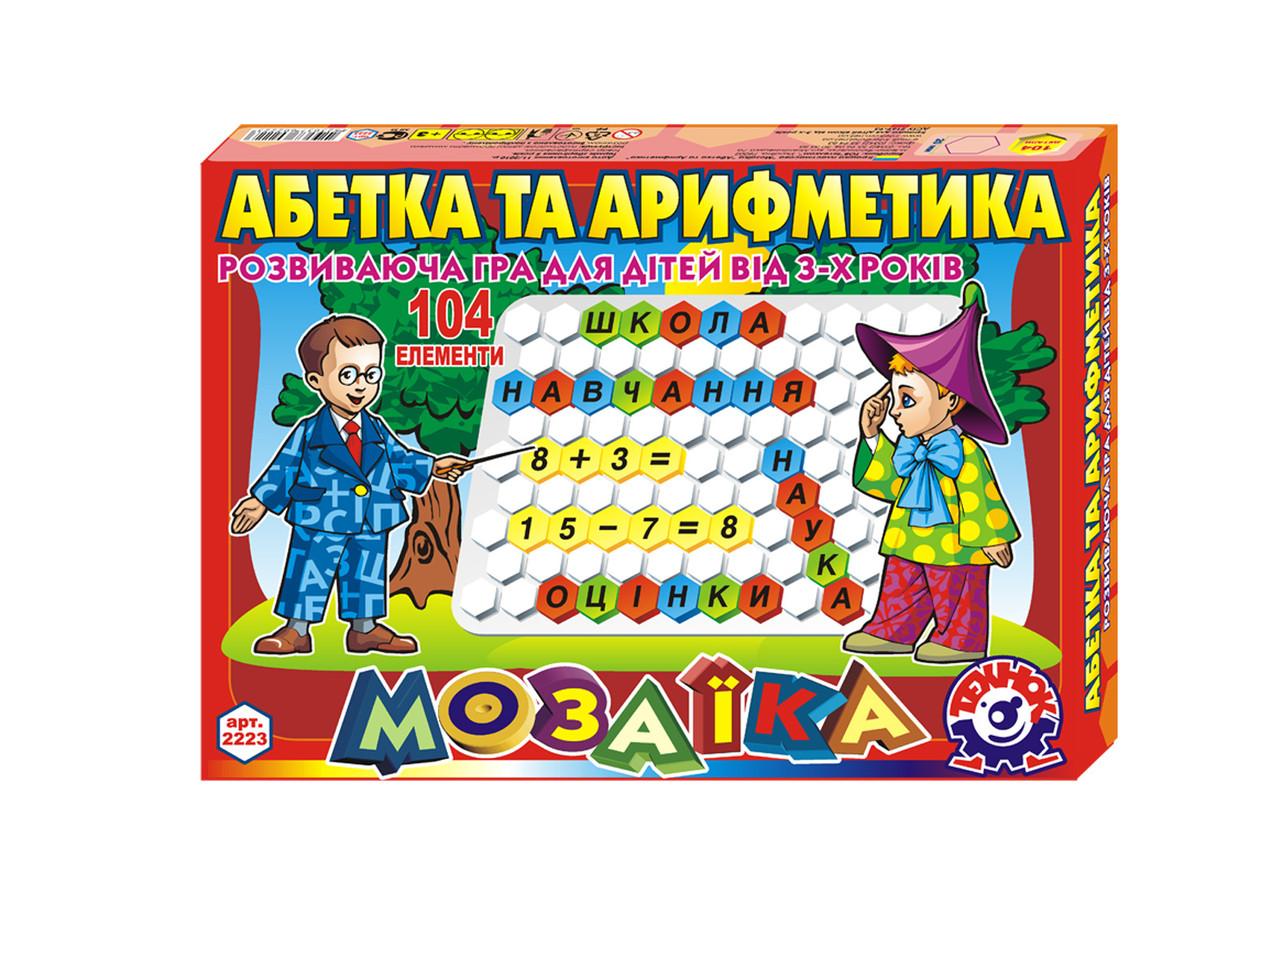 """Іграшка мозаїка """" Абетка та арифметика ТехноК"""" (укр.), в коробці 2223"""